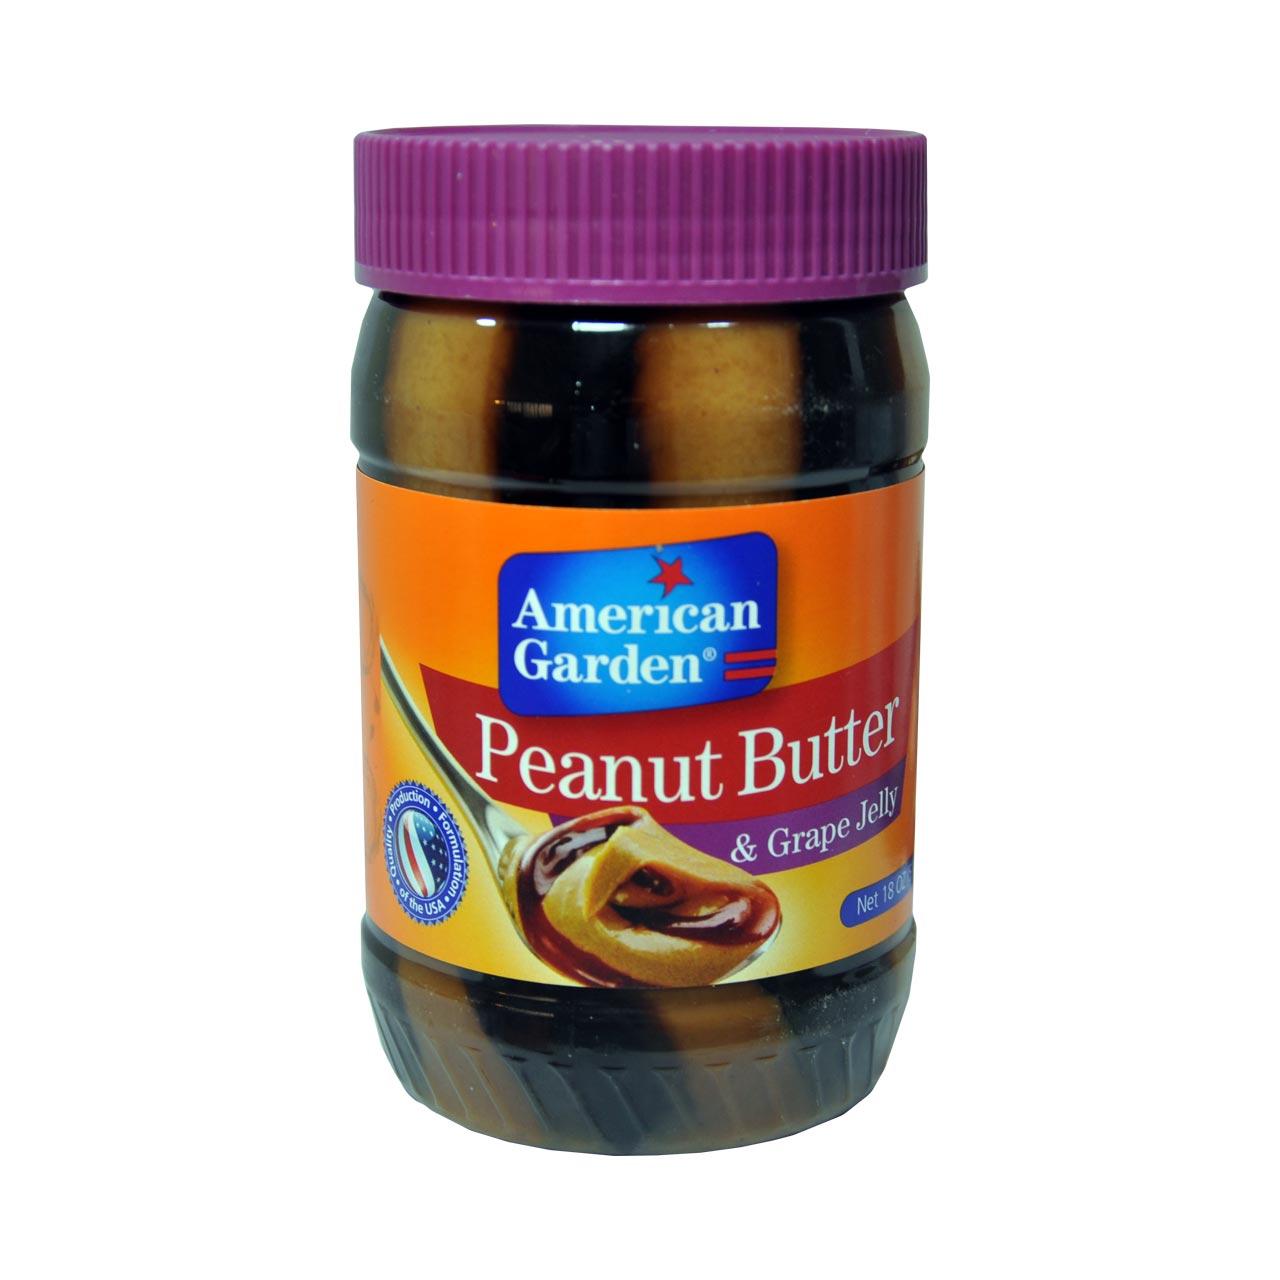 کره بادام زمینی با مربا انگور امریکن گاردن – american garden